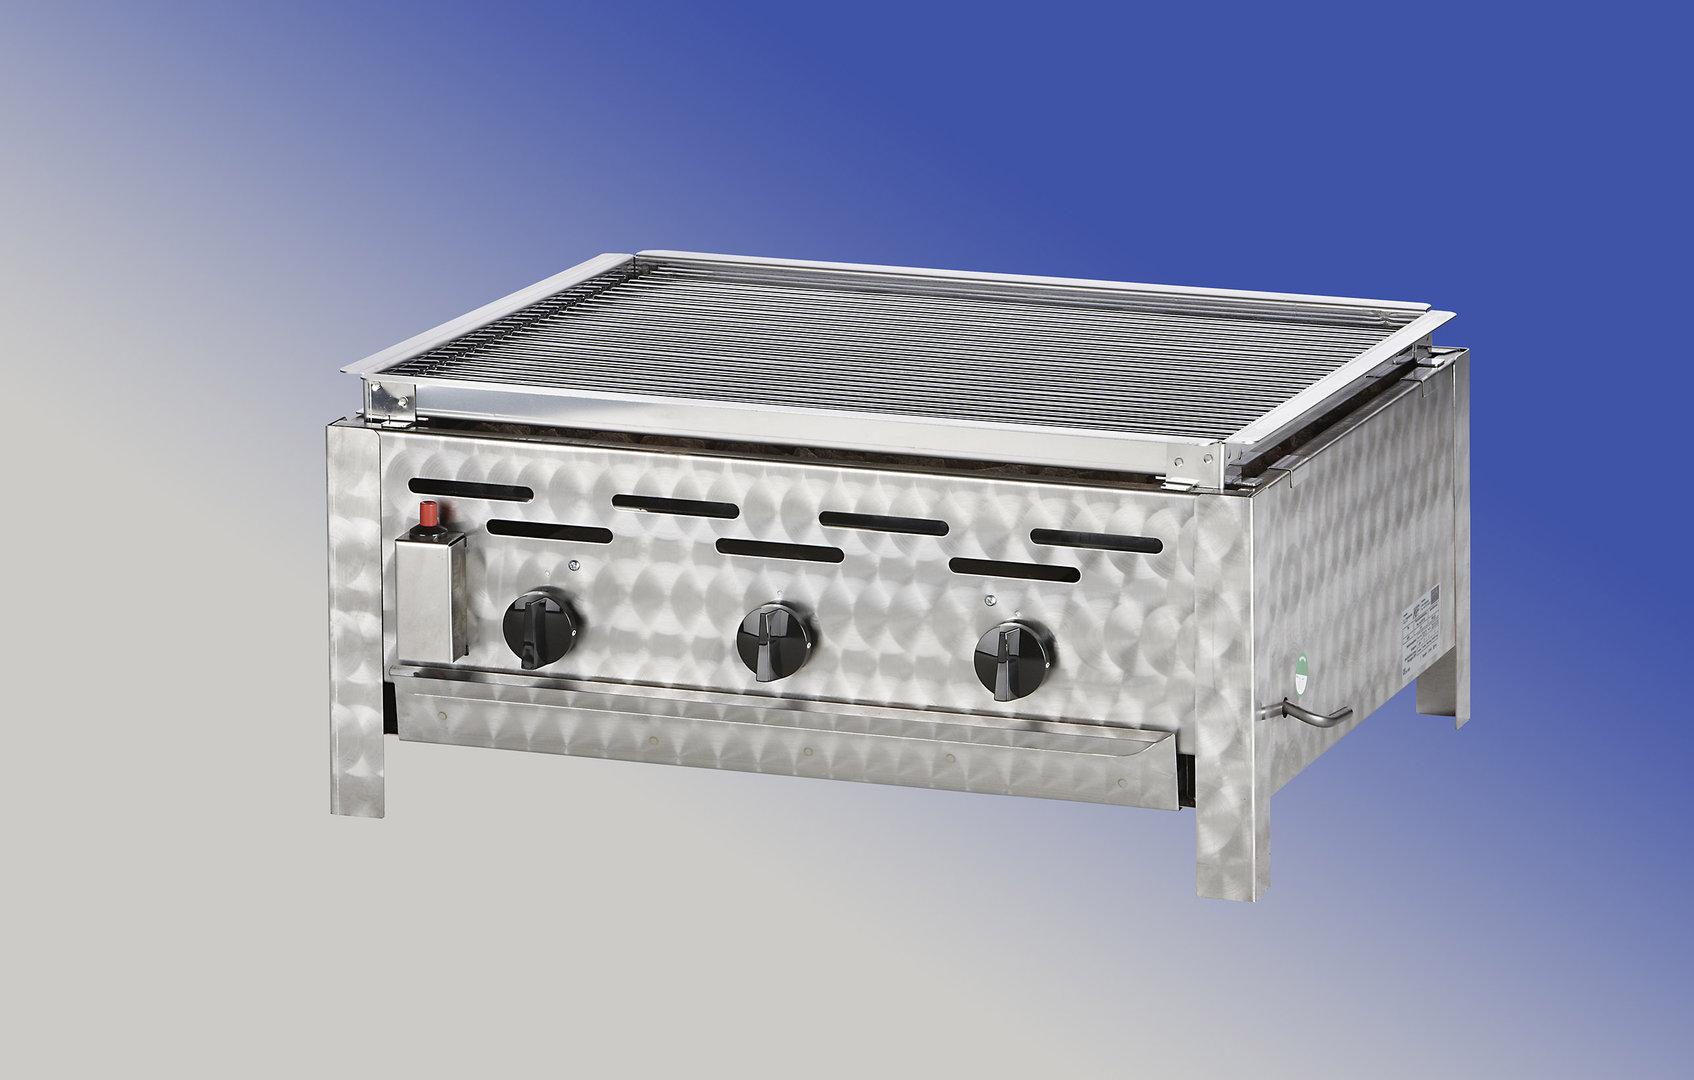 Bräter Für Gasgrill : Pag l gastronomie bräter flammig mit lavasteinaufsatz